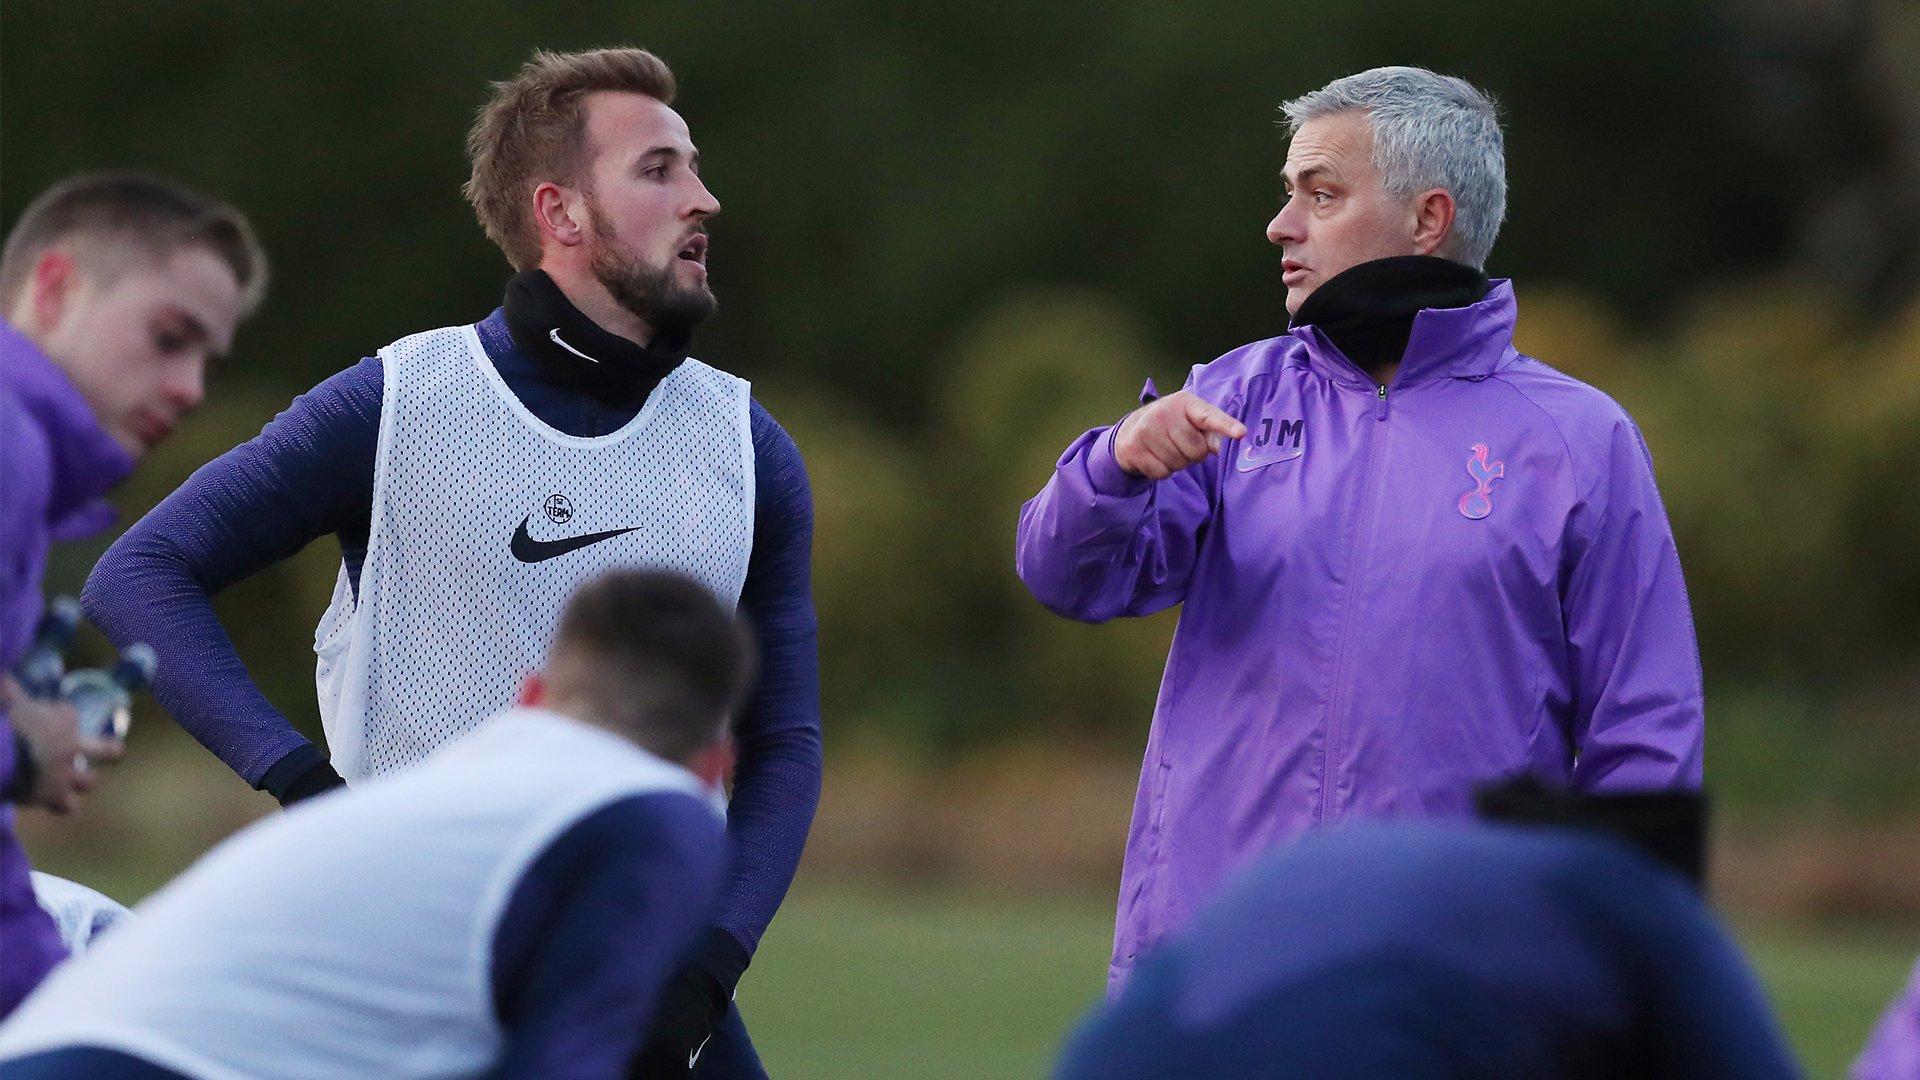 https: img.okezone.com content 2019 12 07 45 2139056 uisai-dikalahkan-man-united-mourinho-ingin-tottenham-bangkit-di-laga-kontra-burnley-fU6vGAt9Dc.jpg